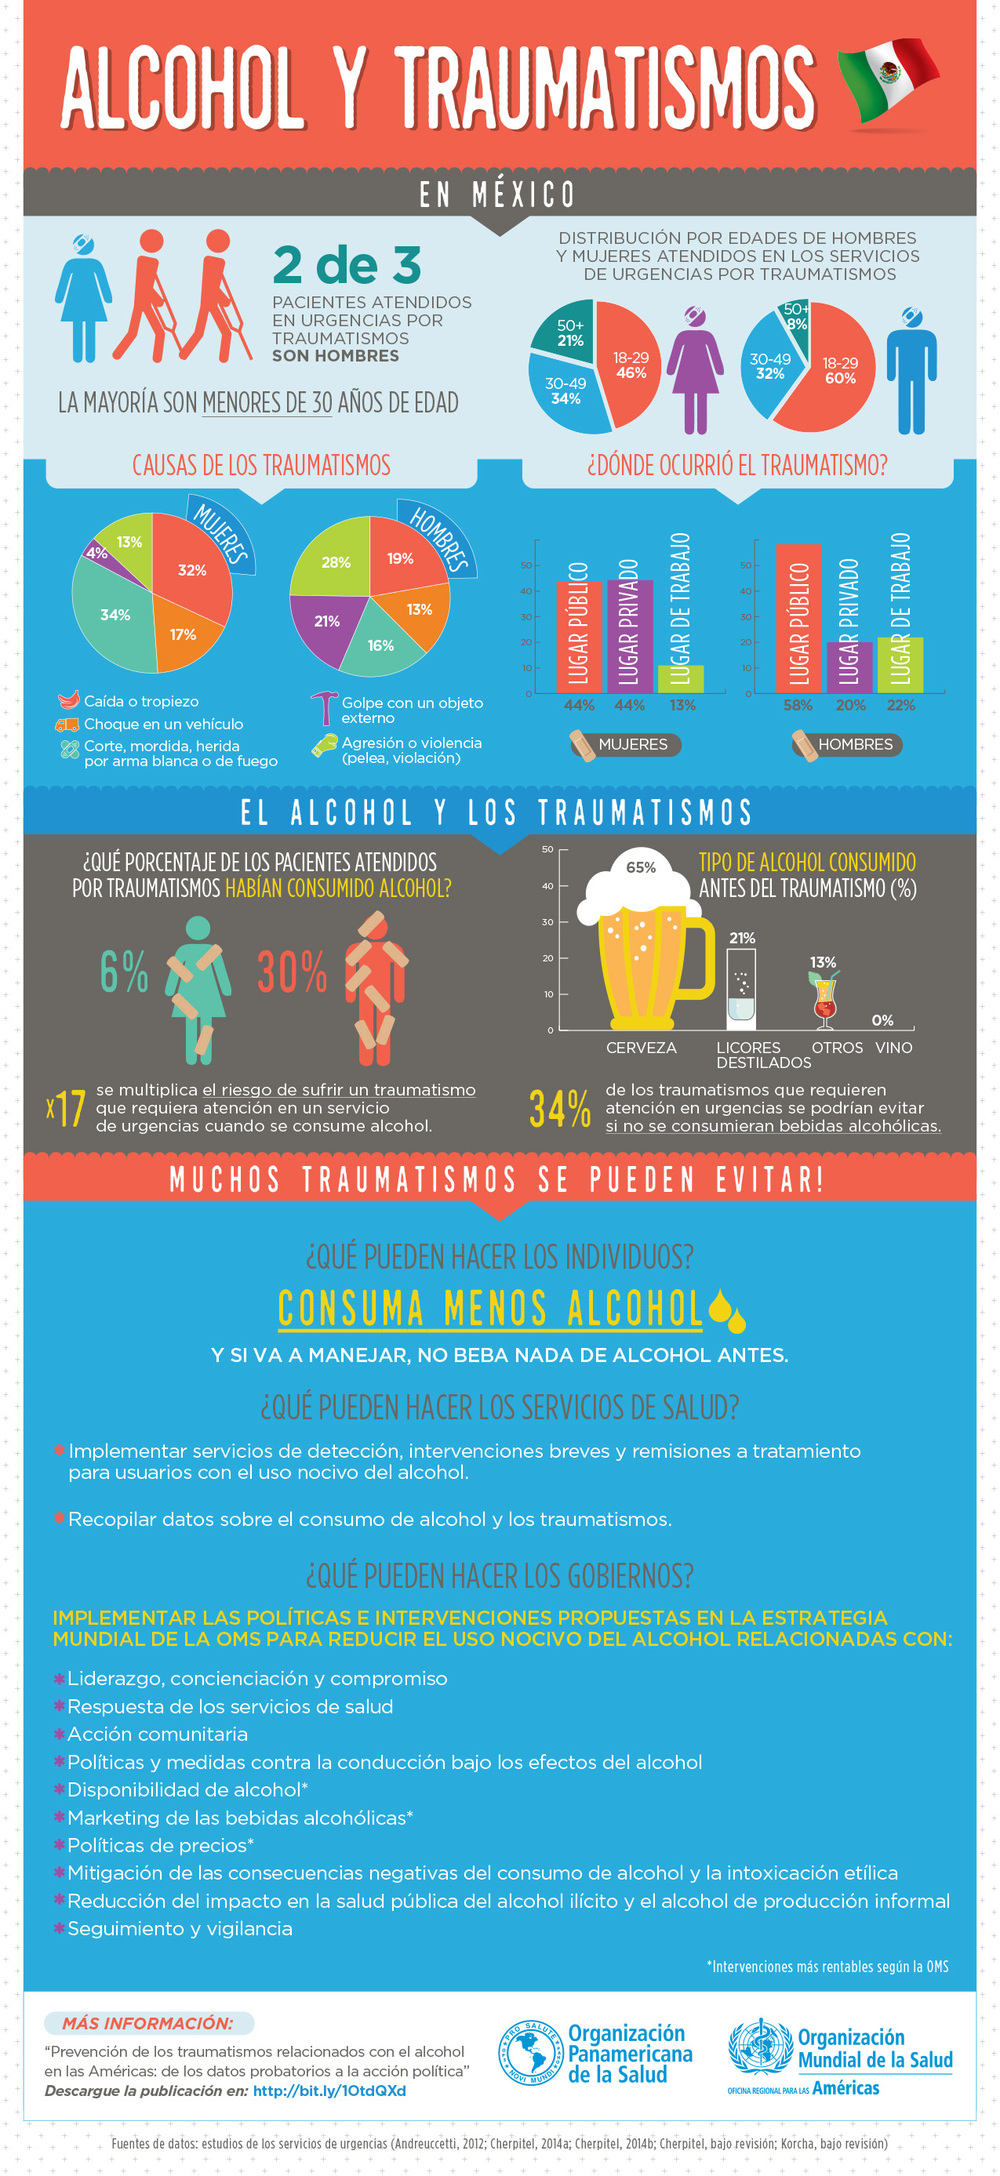 Alcohol y Traumatismos infographic PAHO Mexico.jpg